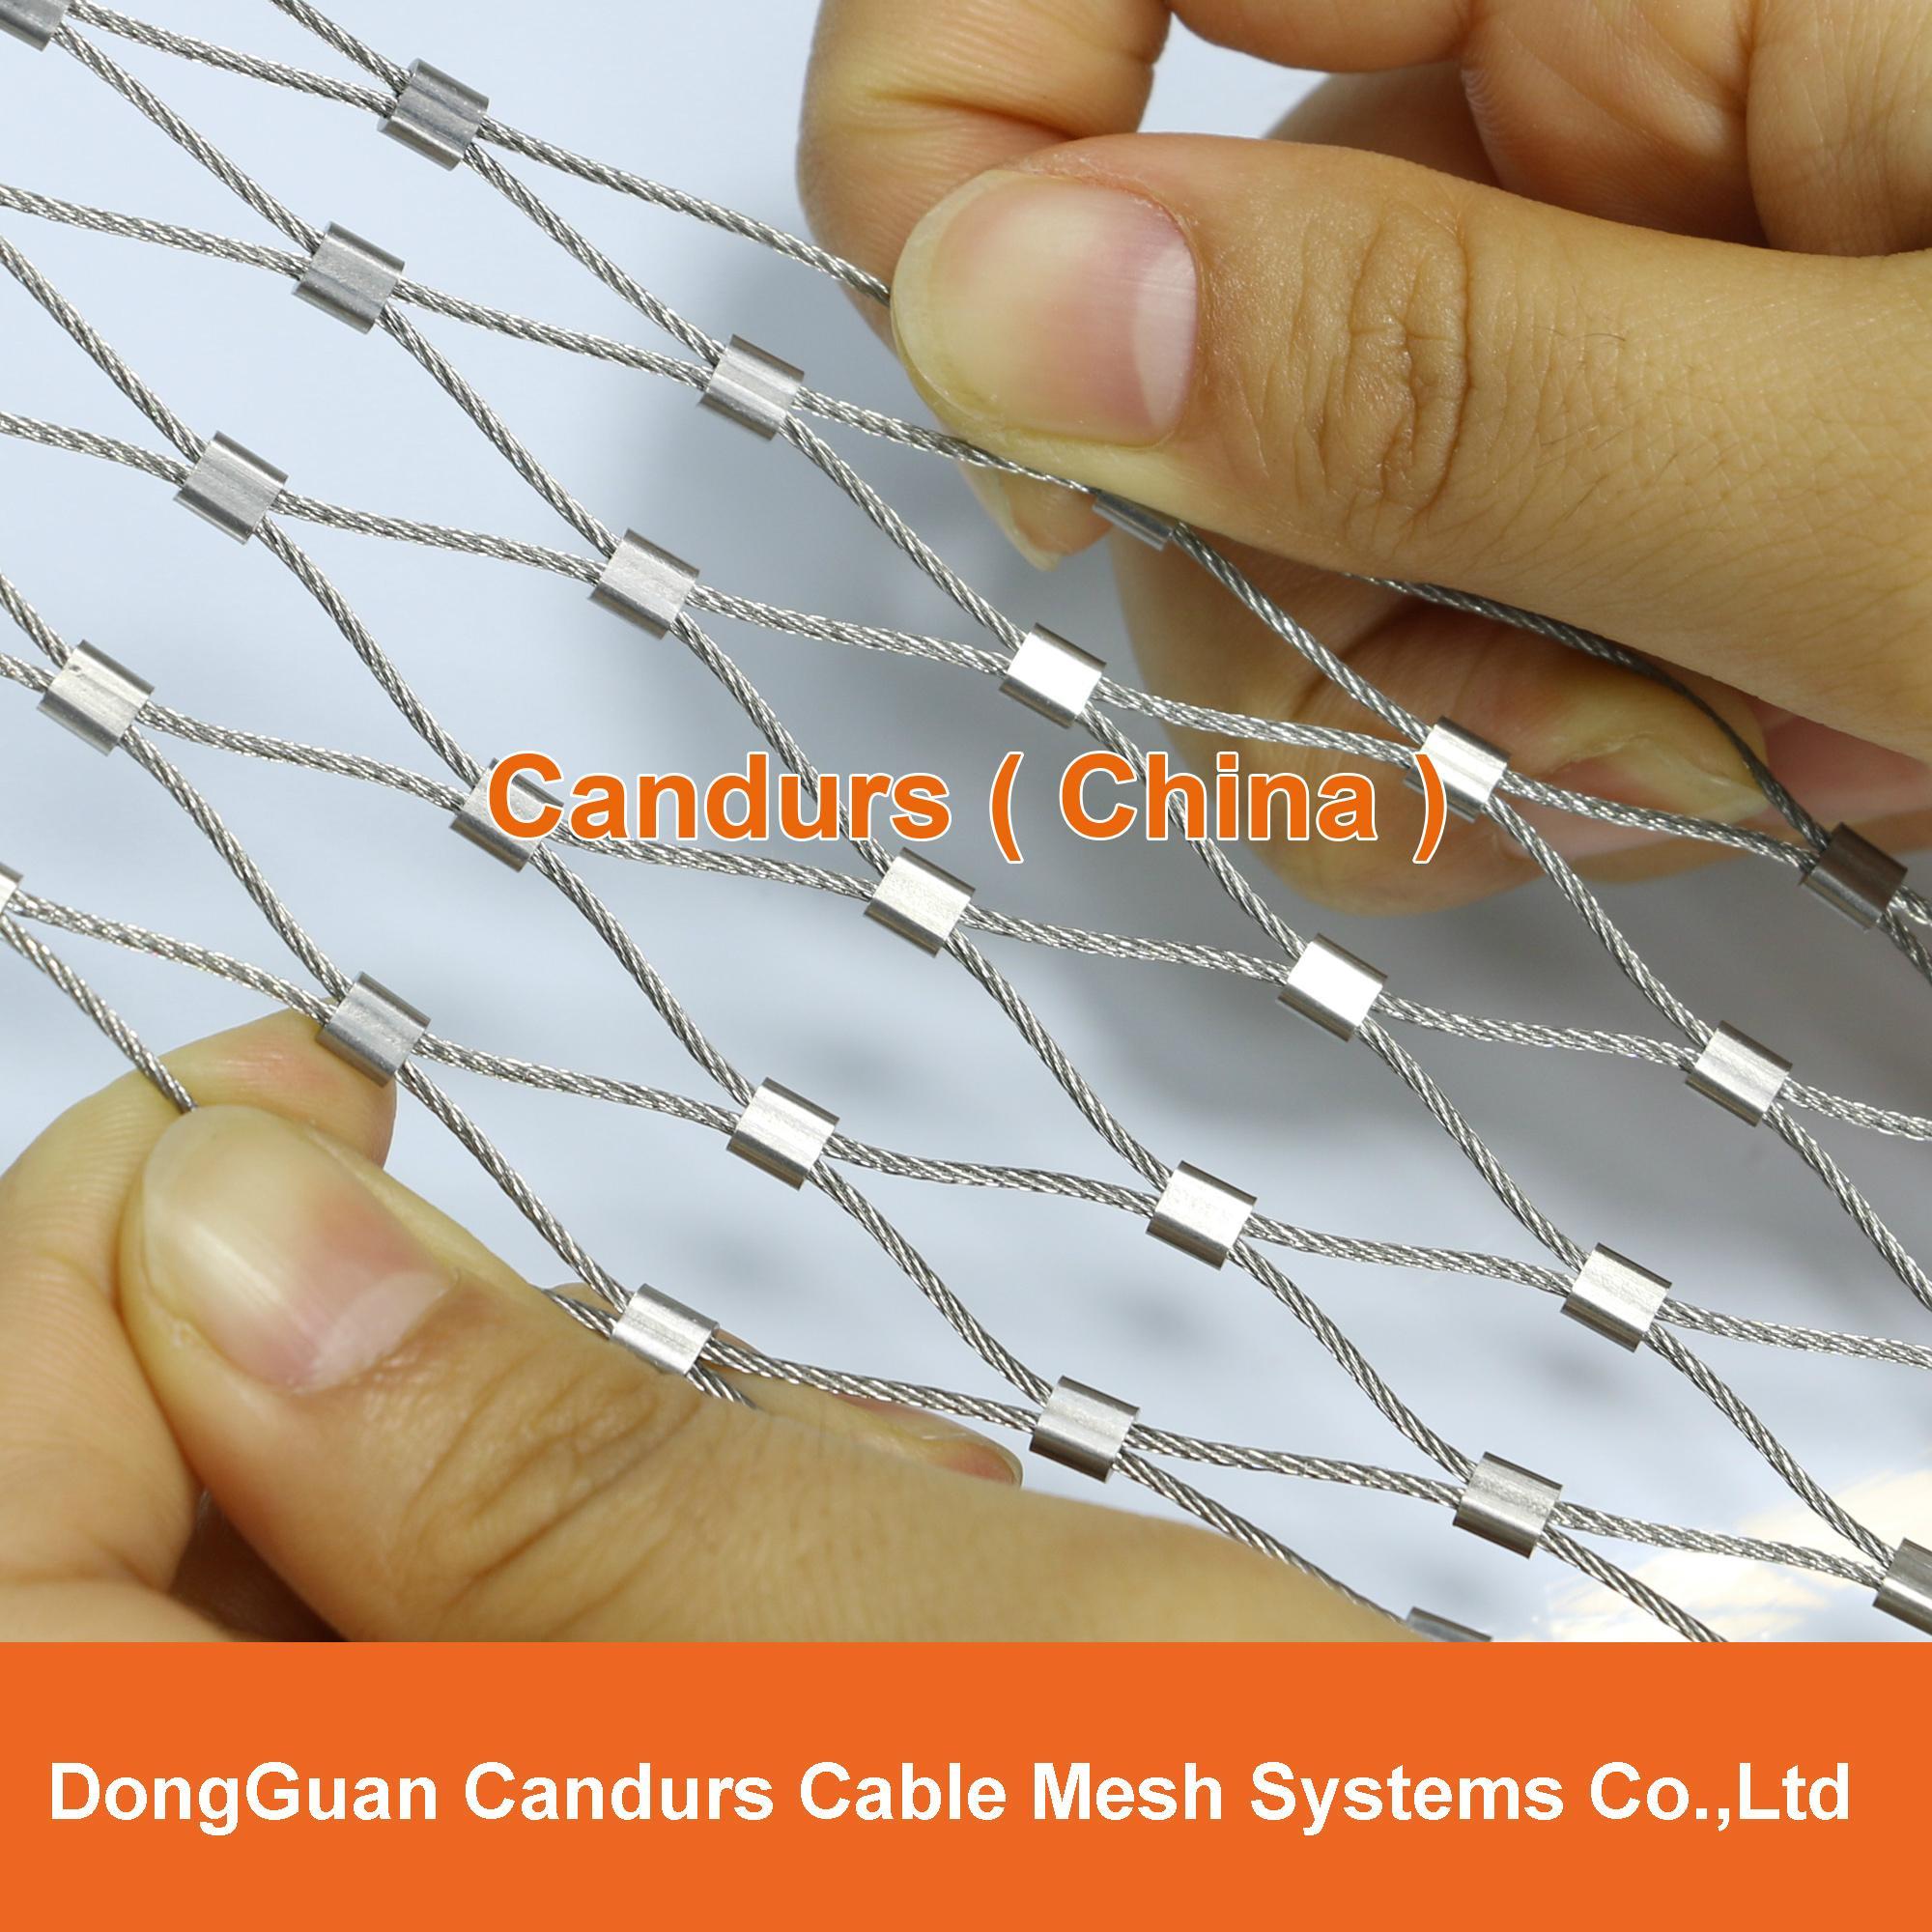 昌達不鏽鋼絲繩網——美標316不鏽鋼繩網 13